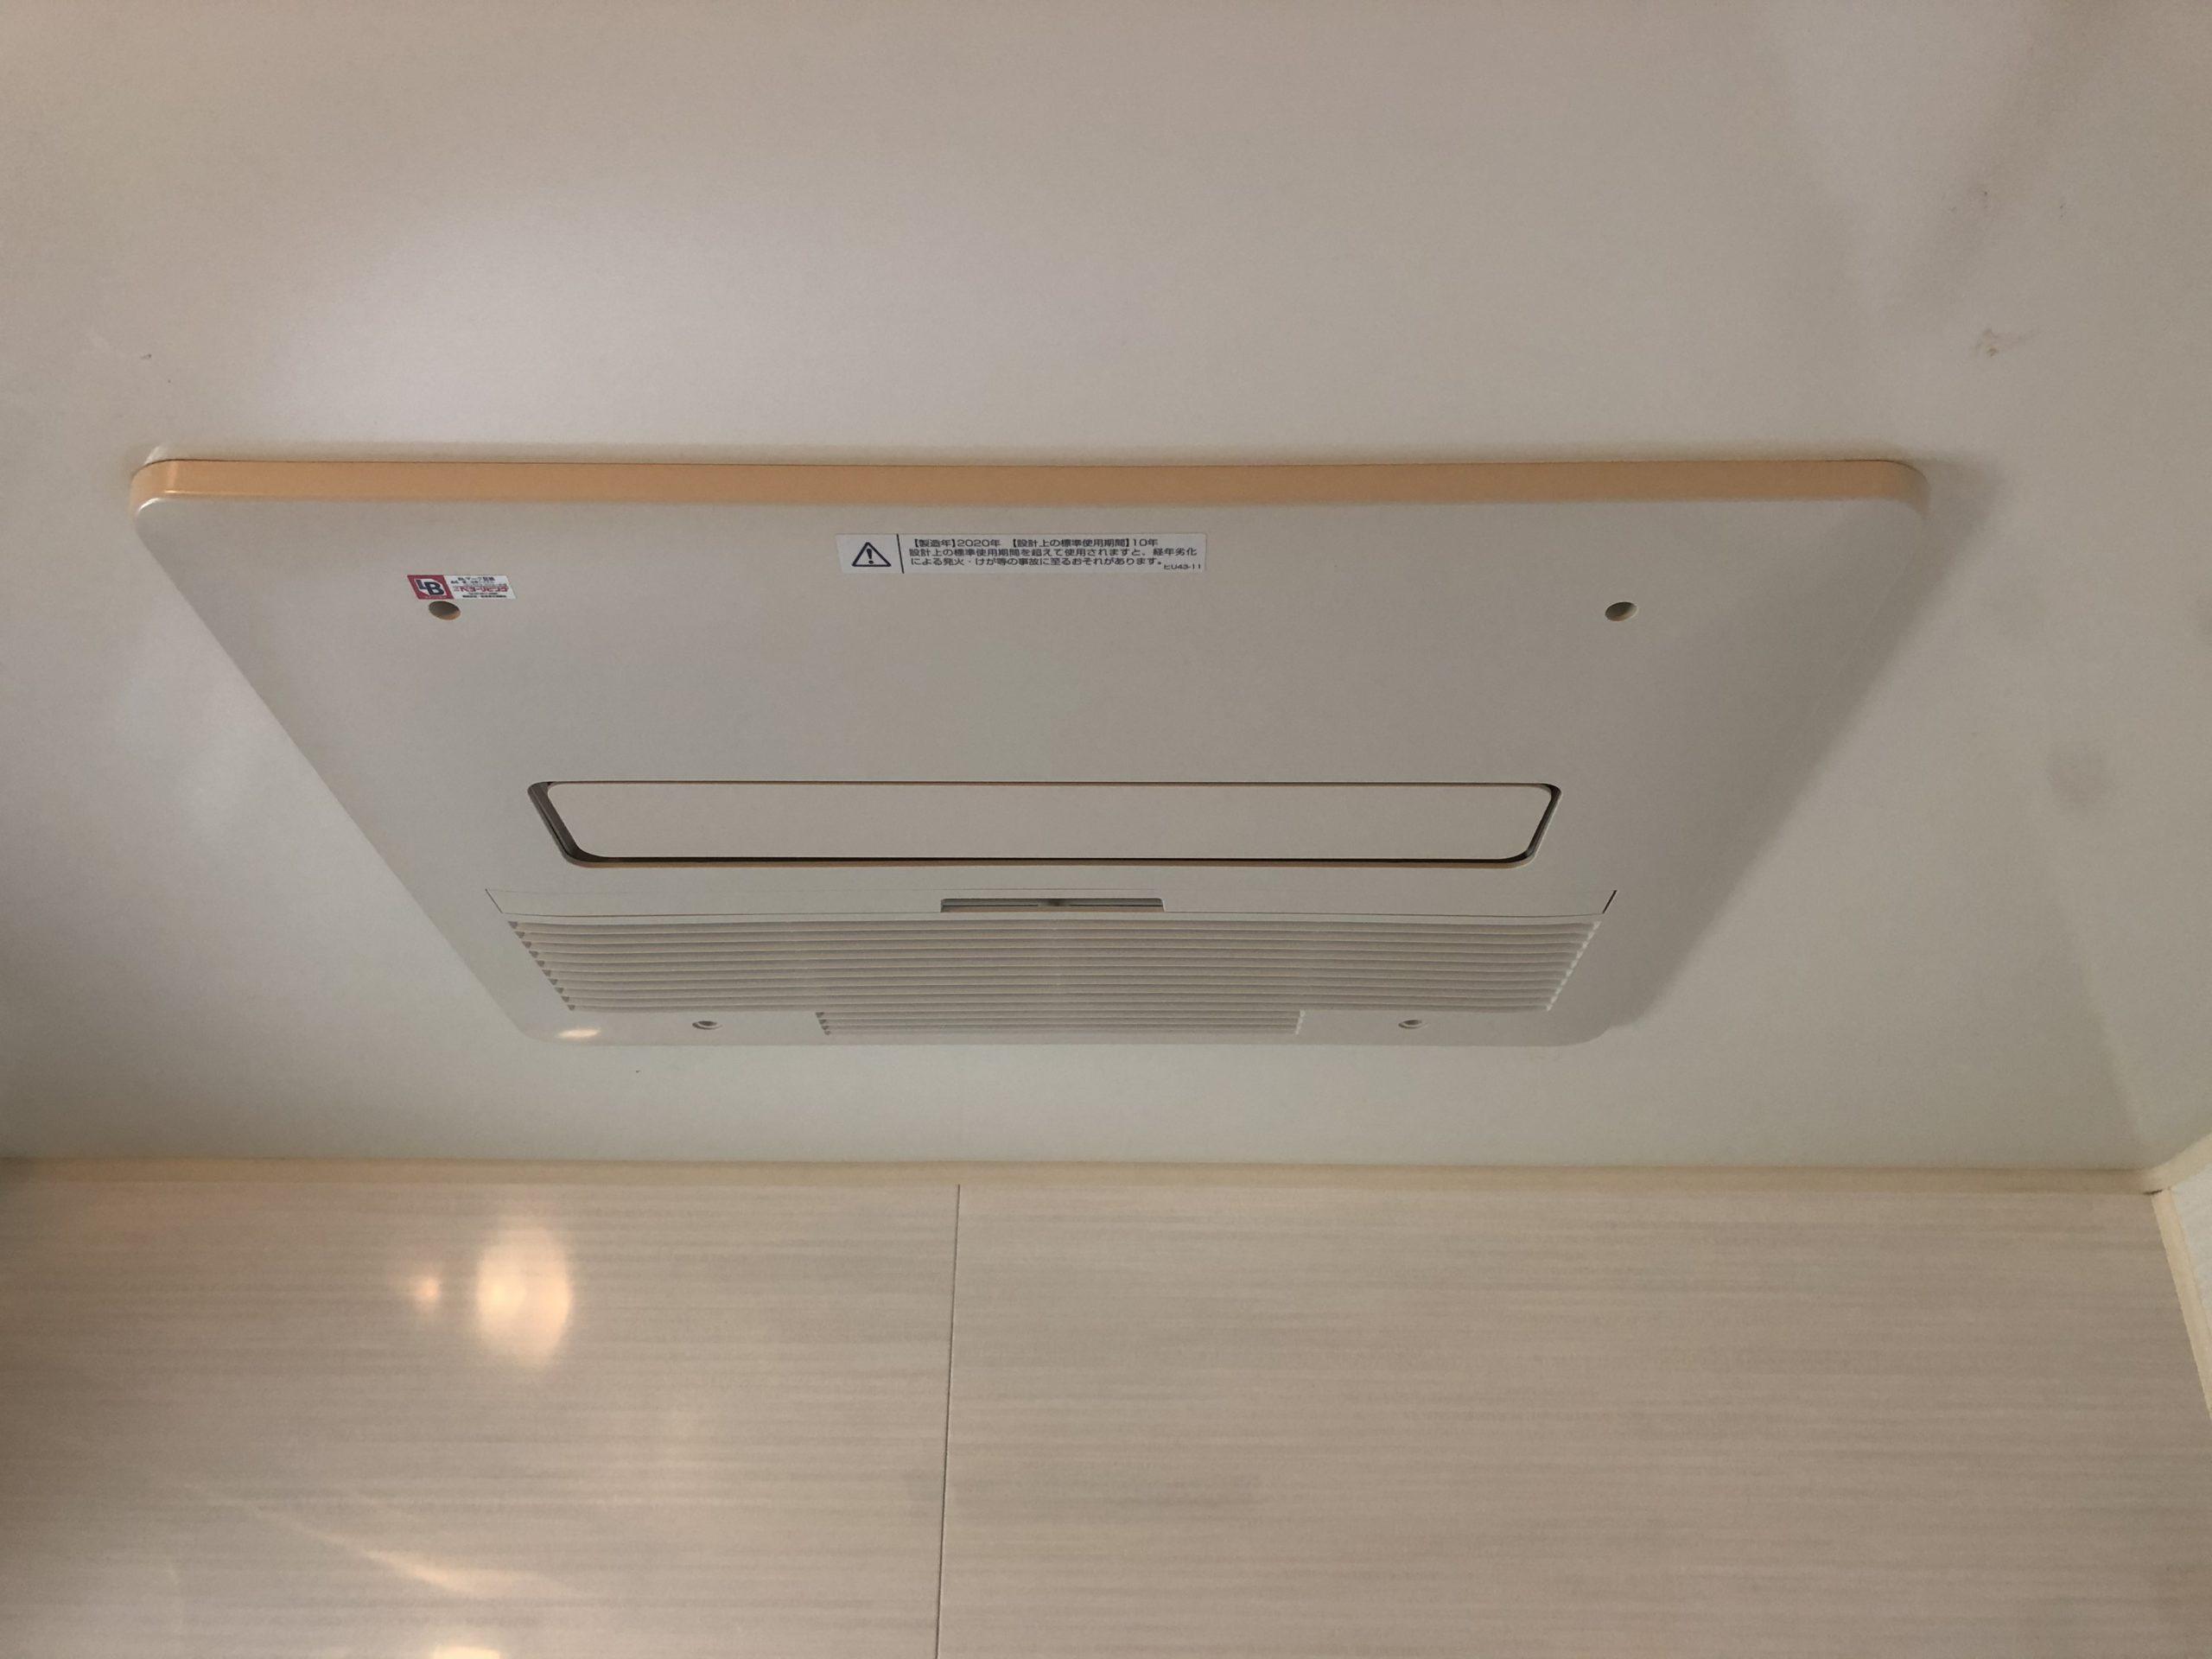 阿倍野区 浴室暖房乾燥機 施工後①